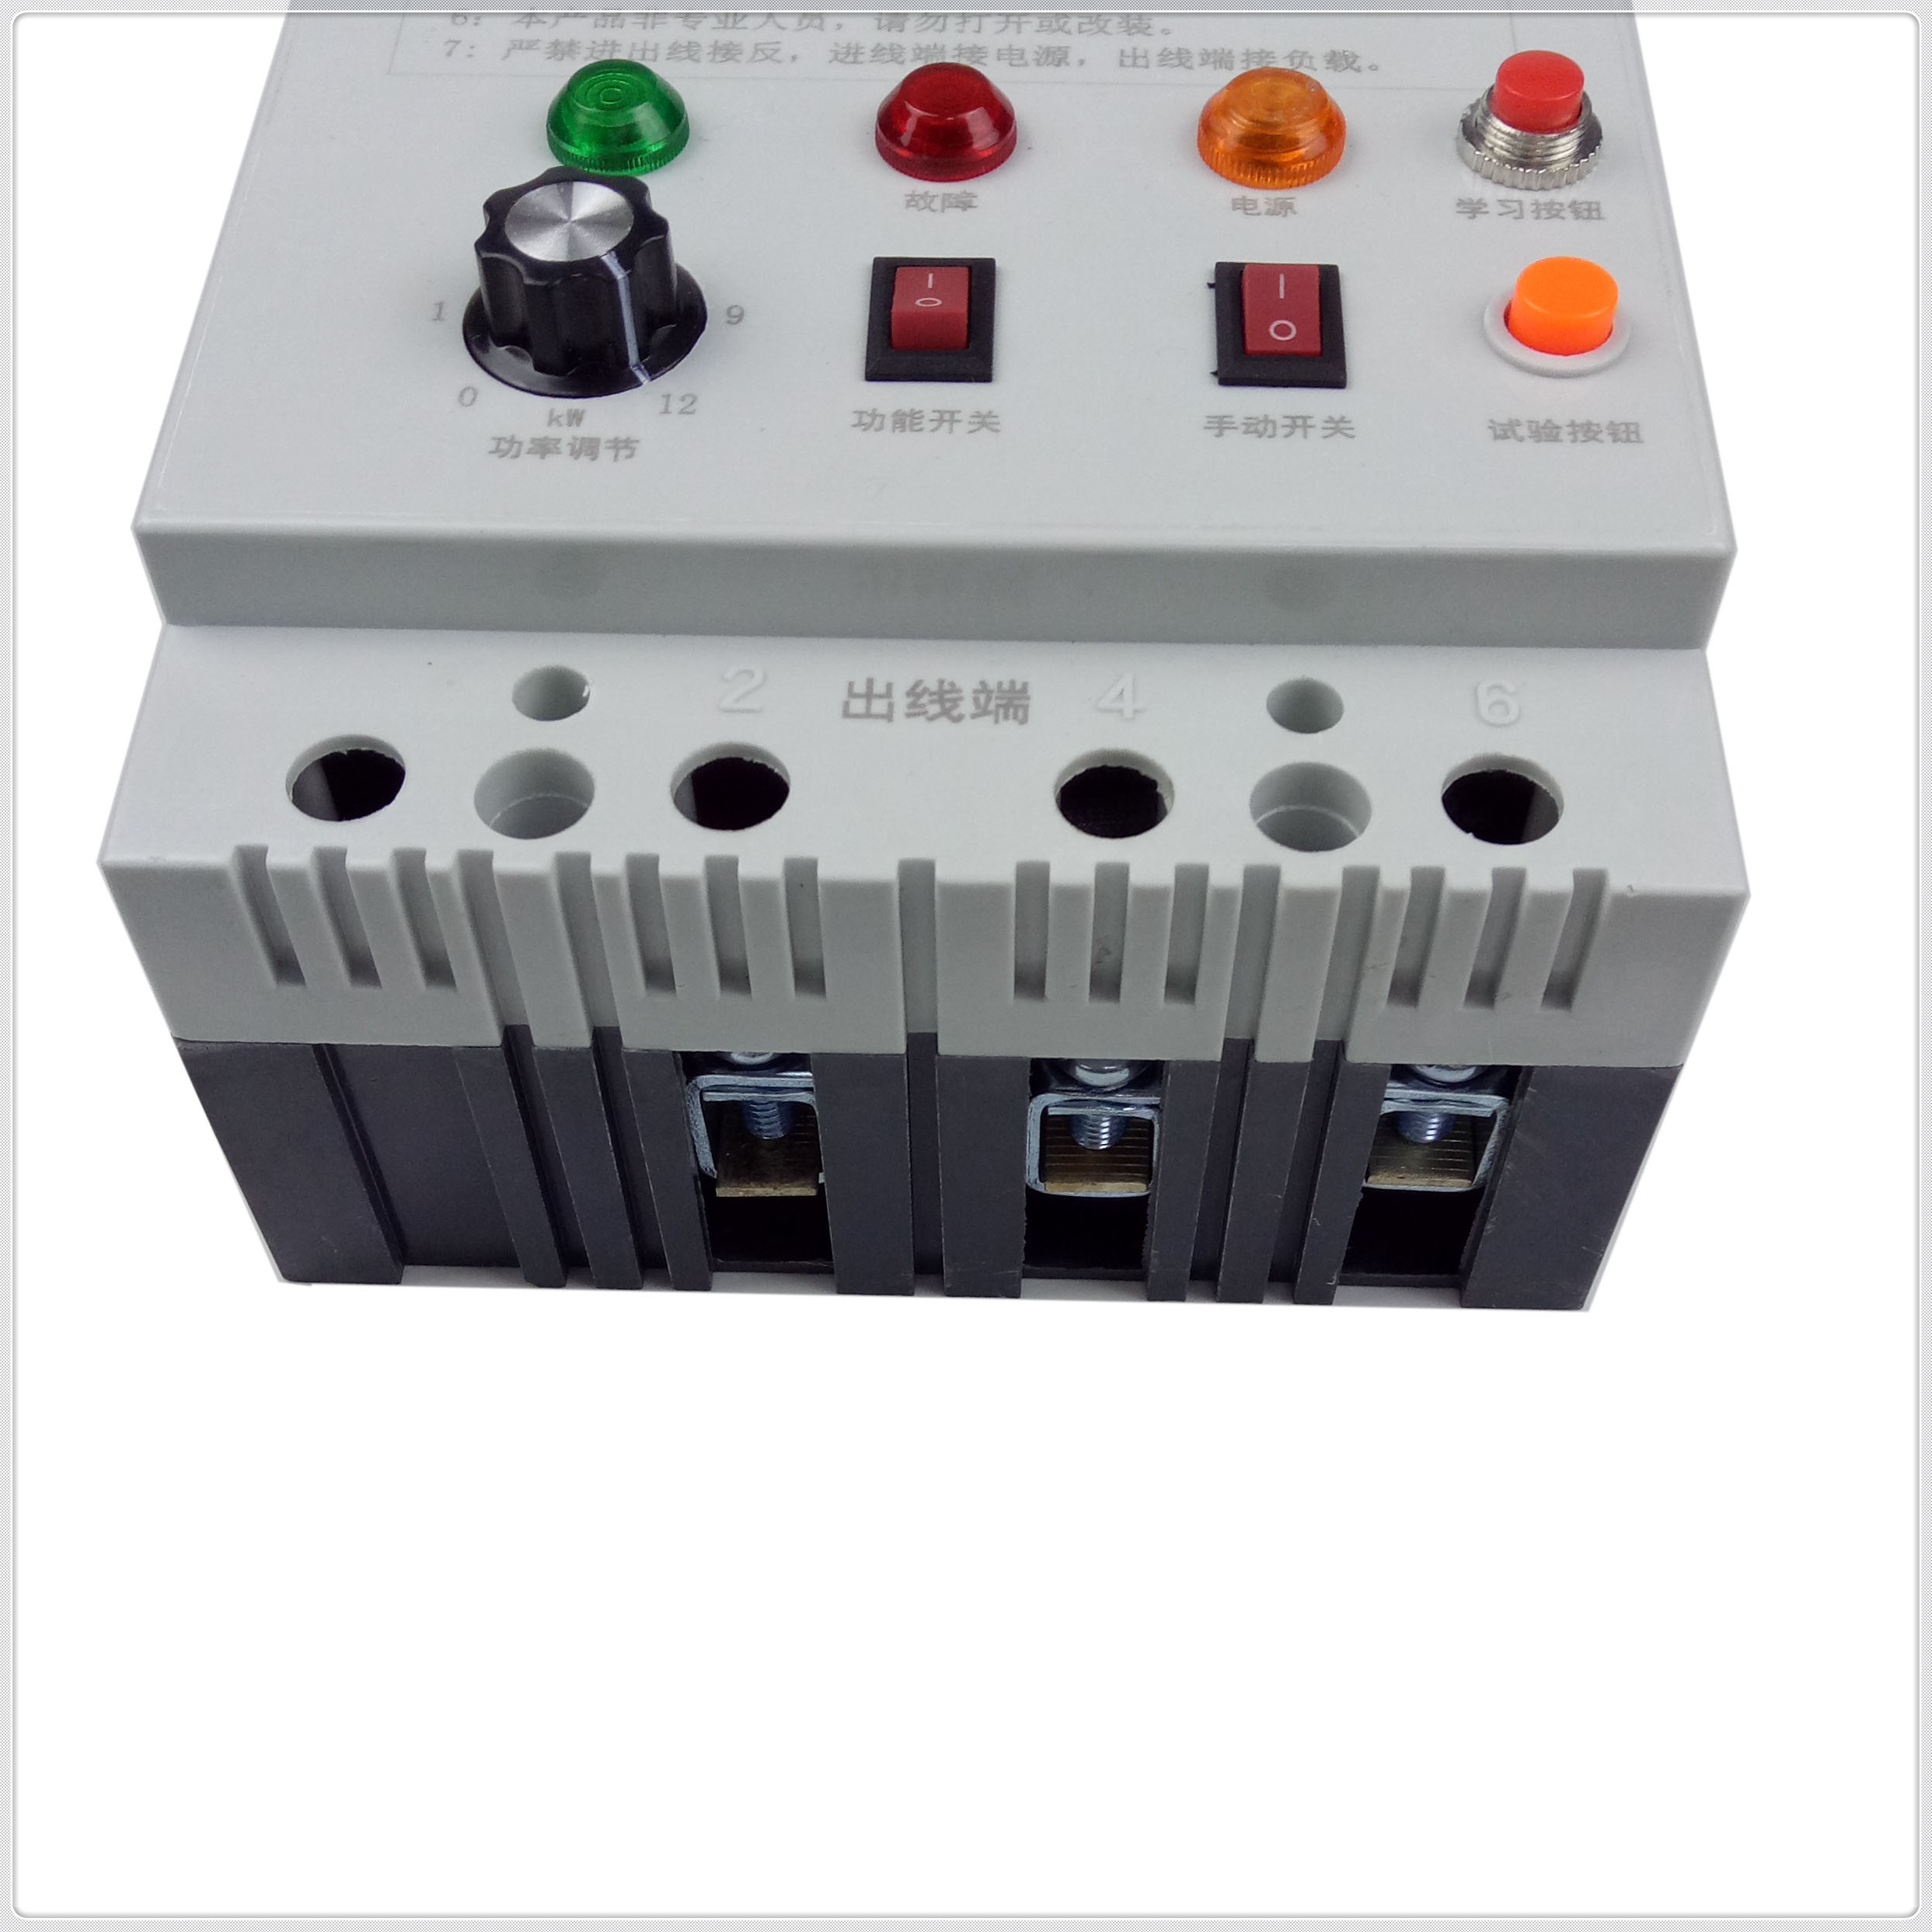 远程智能电机控制系统 智能电机综合保护器AK-DJKZ/32Ⅱ